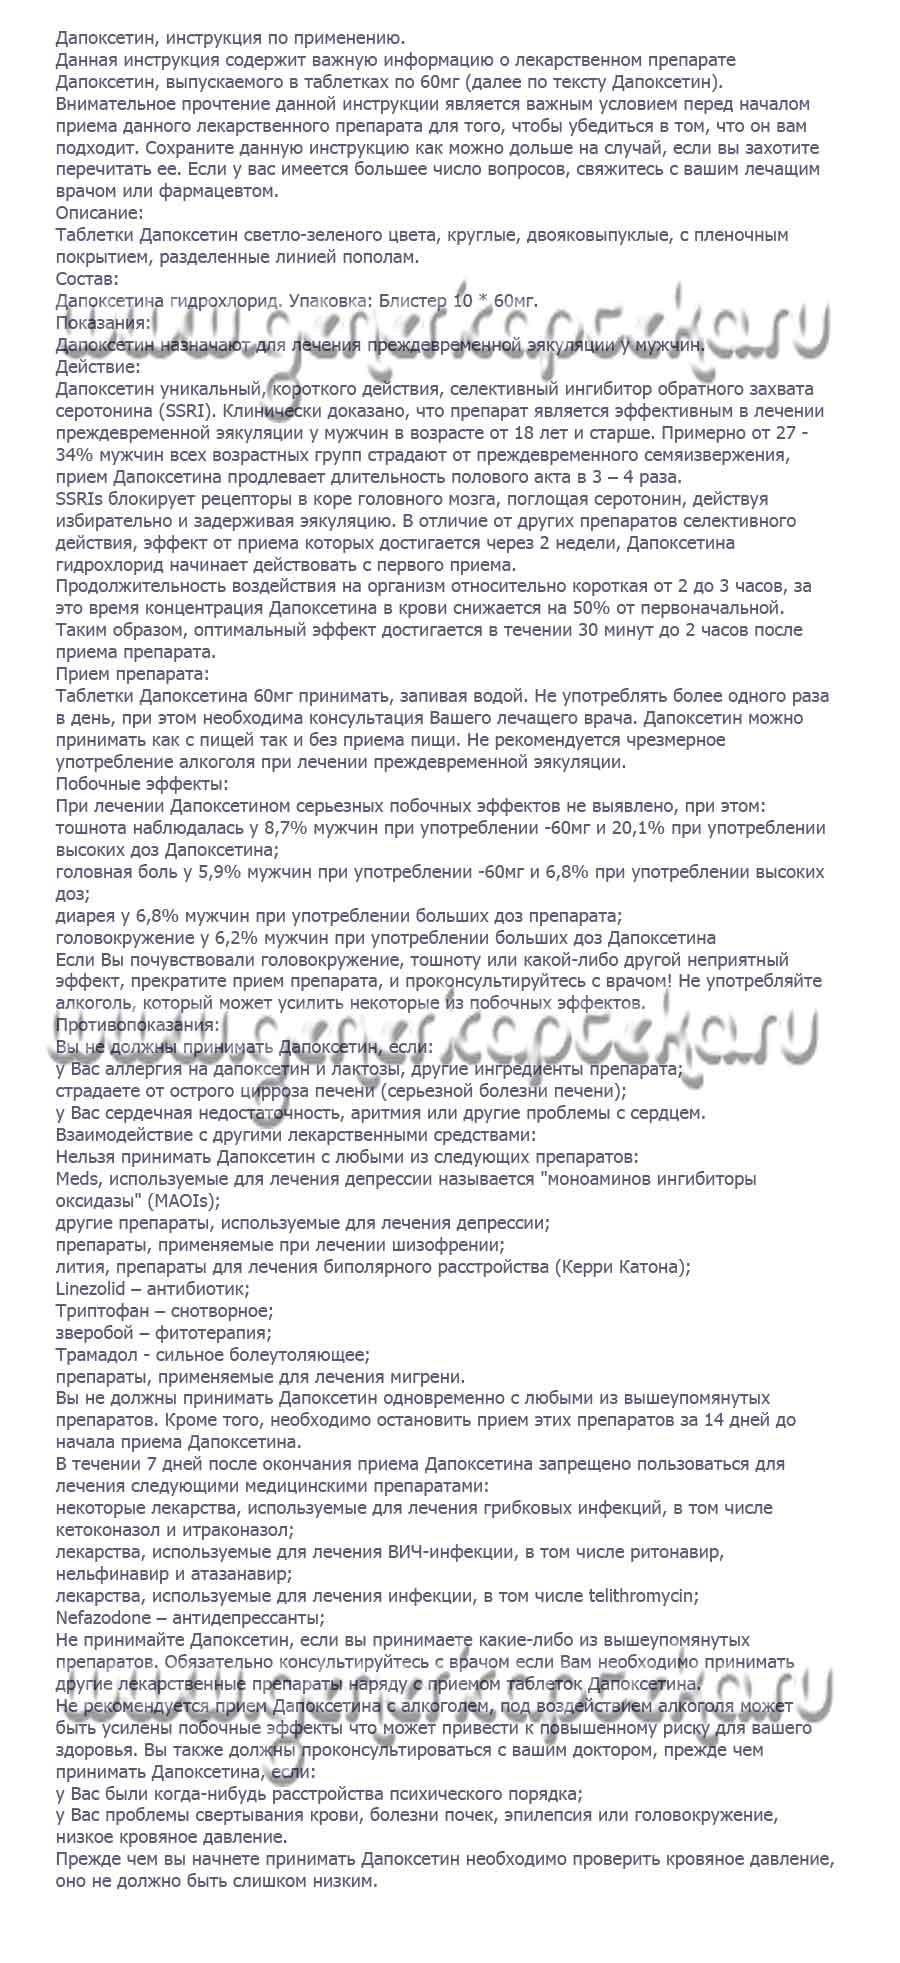 дапоксетин цена в аптеках москвы